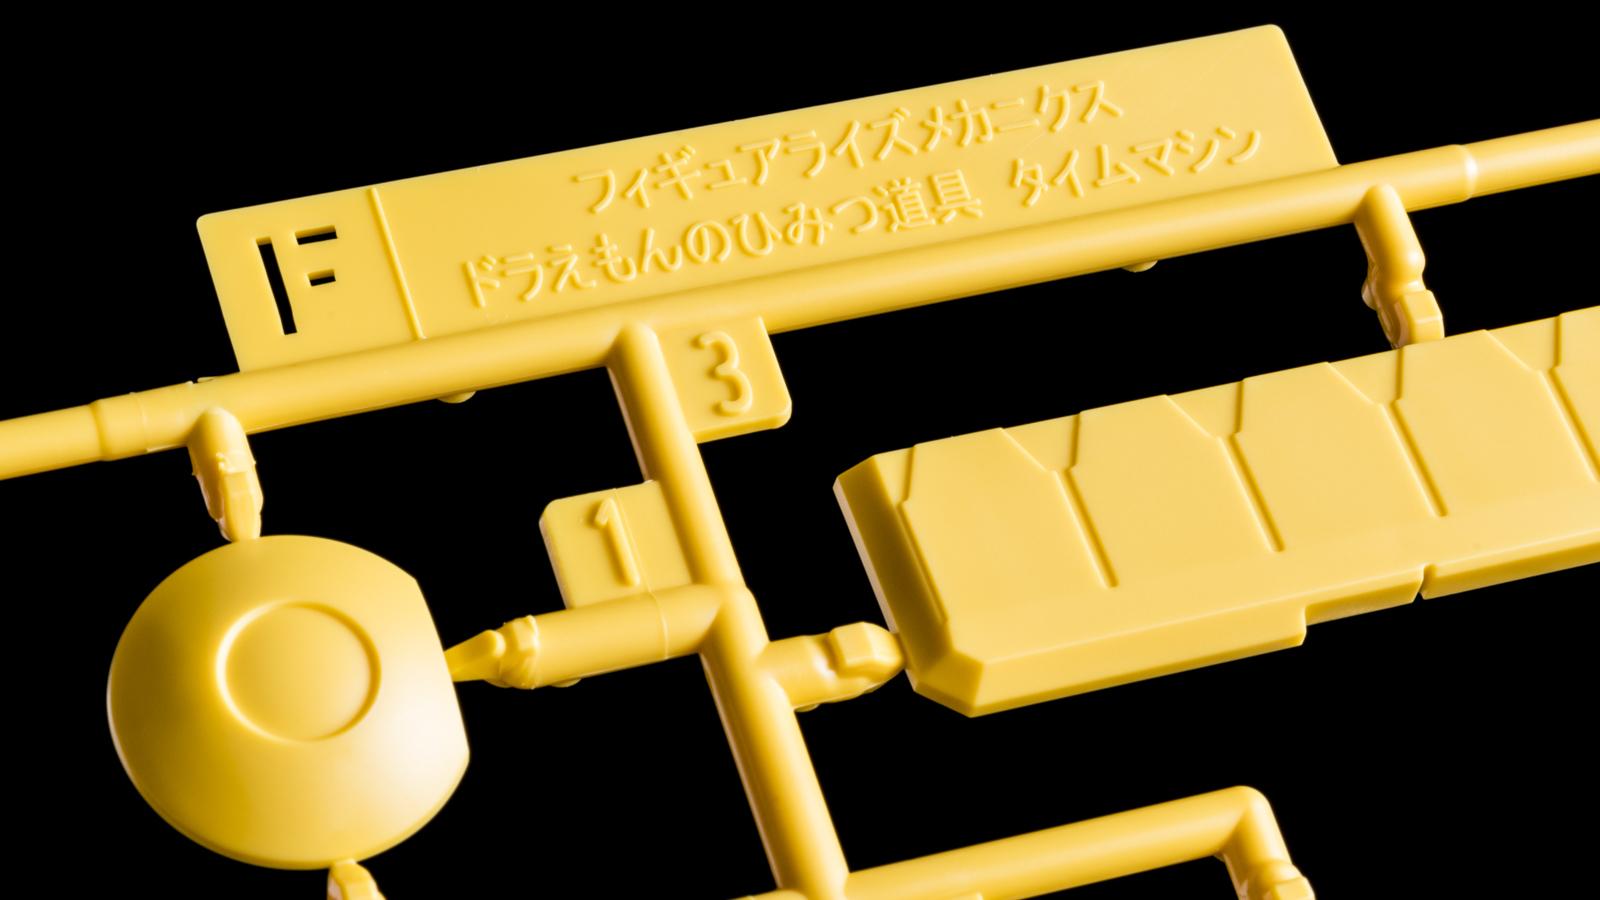 タイムマシンで動きを止められた「野比のび太のプラモデル」の話_b0029315_00013255.jpg